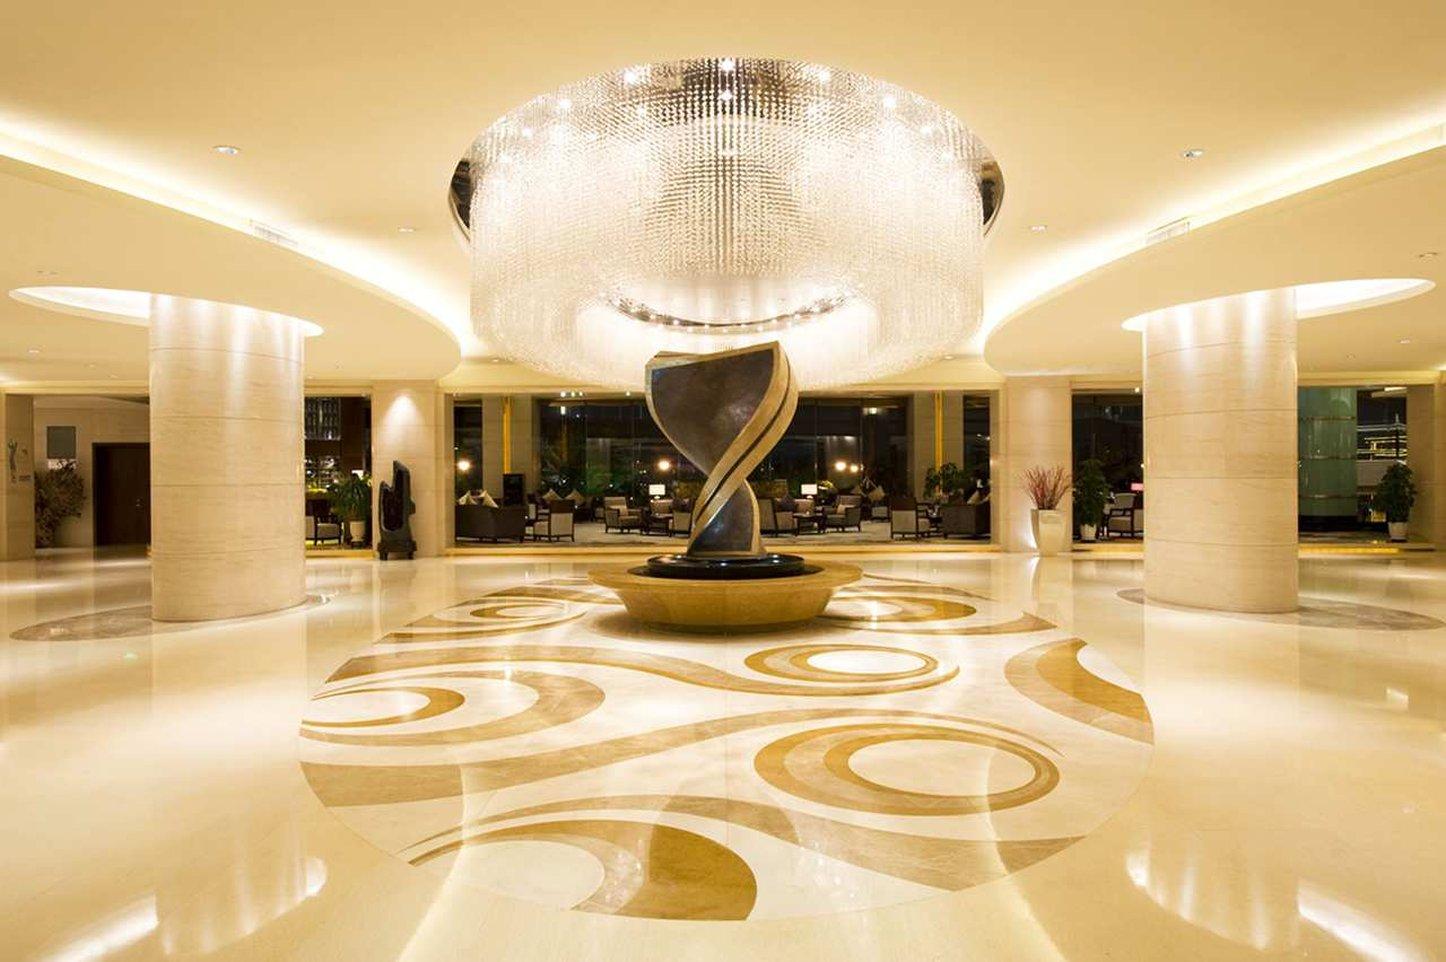 Best Hotel Lighting Fixtures Design Ideas